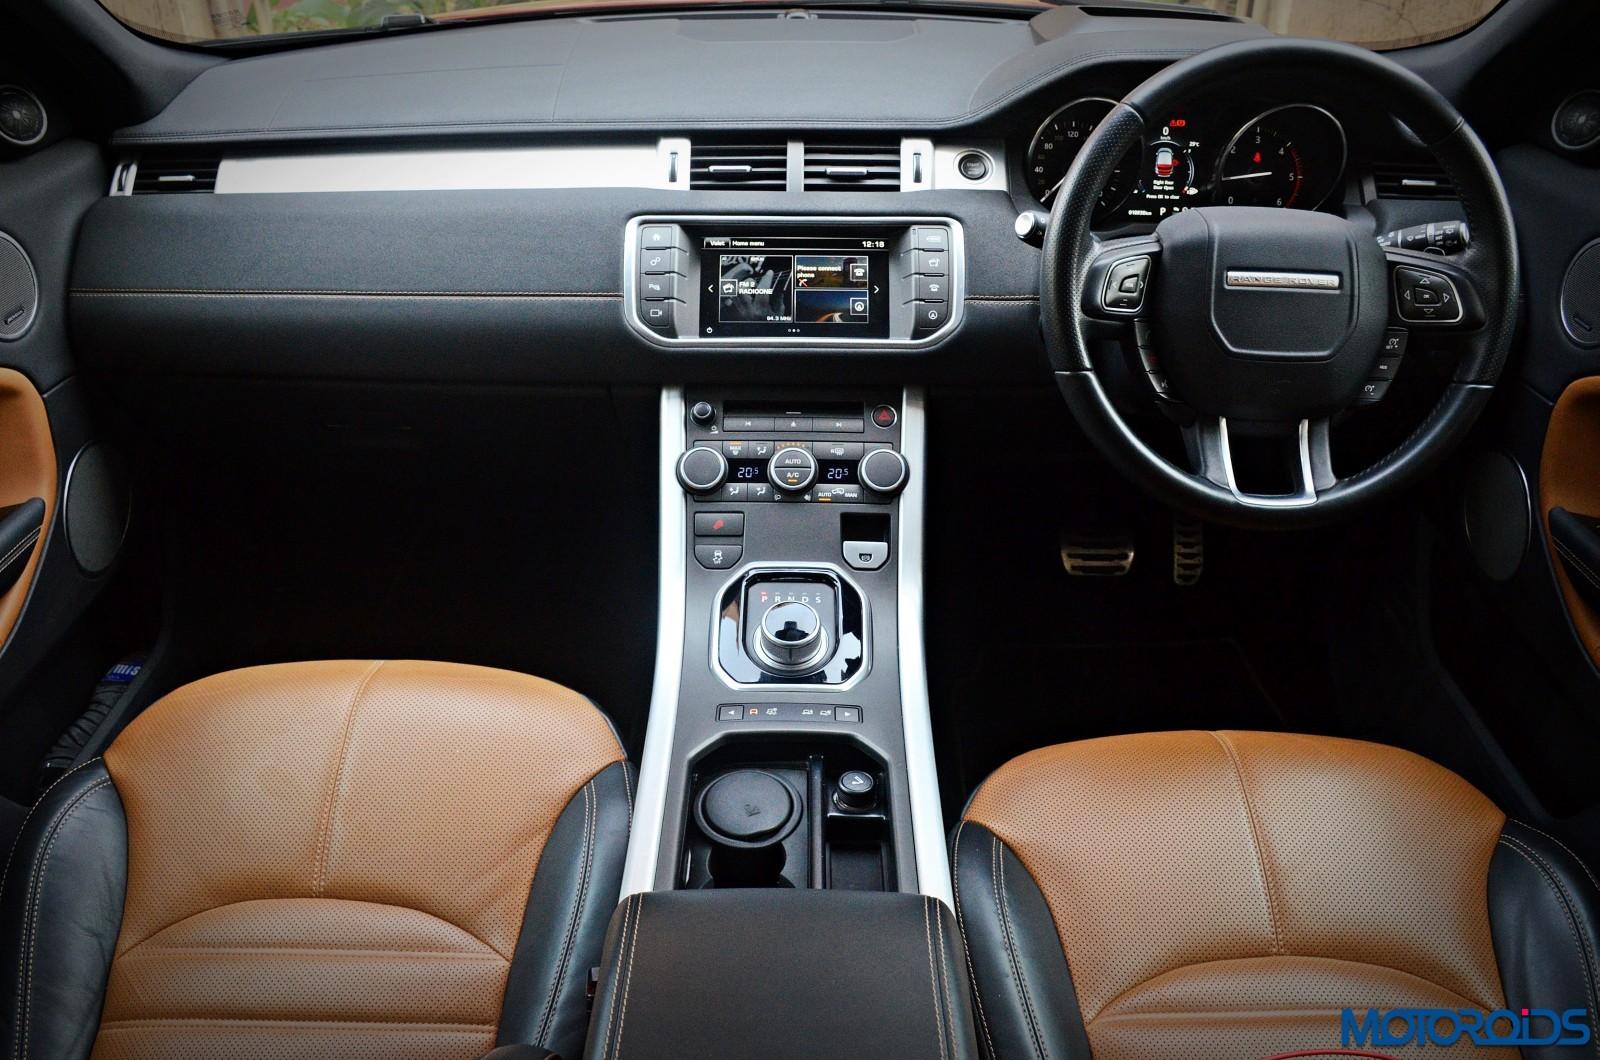 Range-Rover-Evoque-dashboard-2